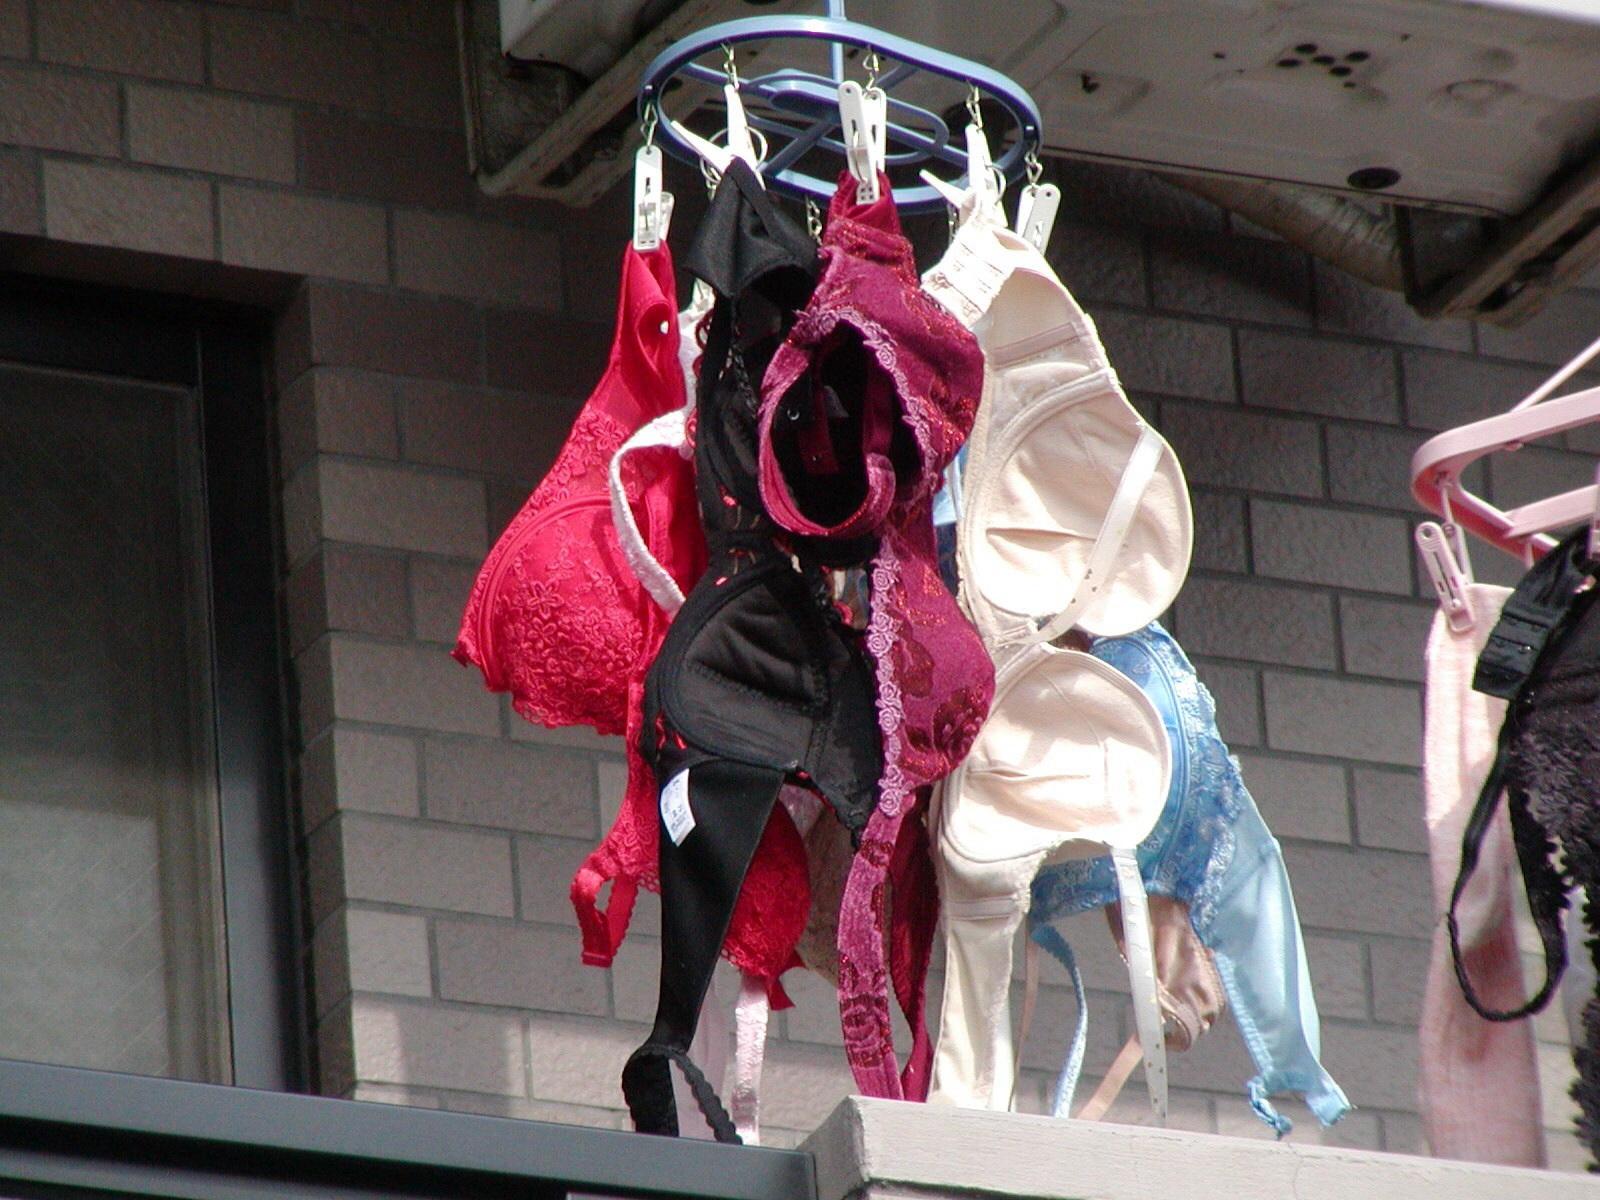 民家のベランダに下着泥棒が忍び込んで盗撮のマニアエロ画像4枚目